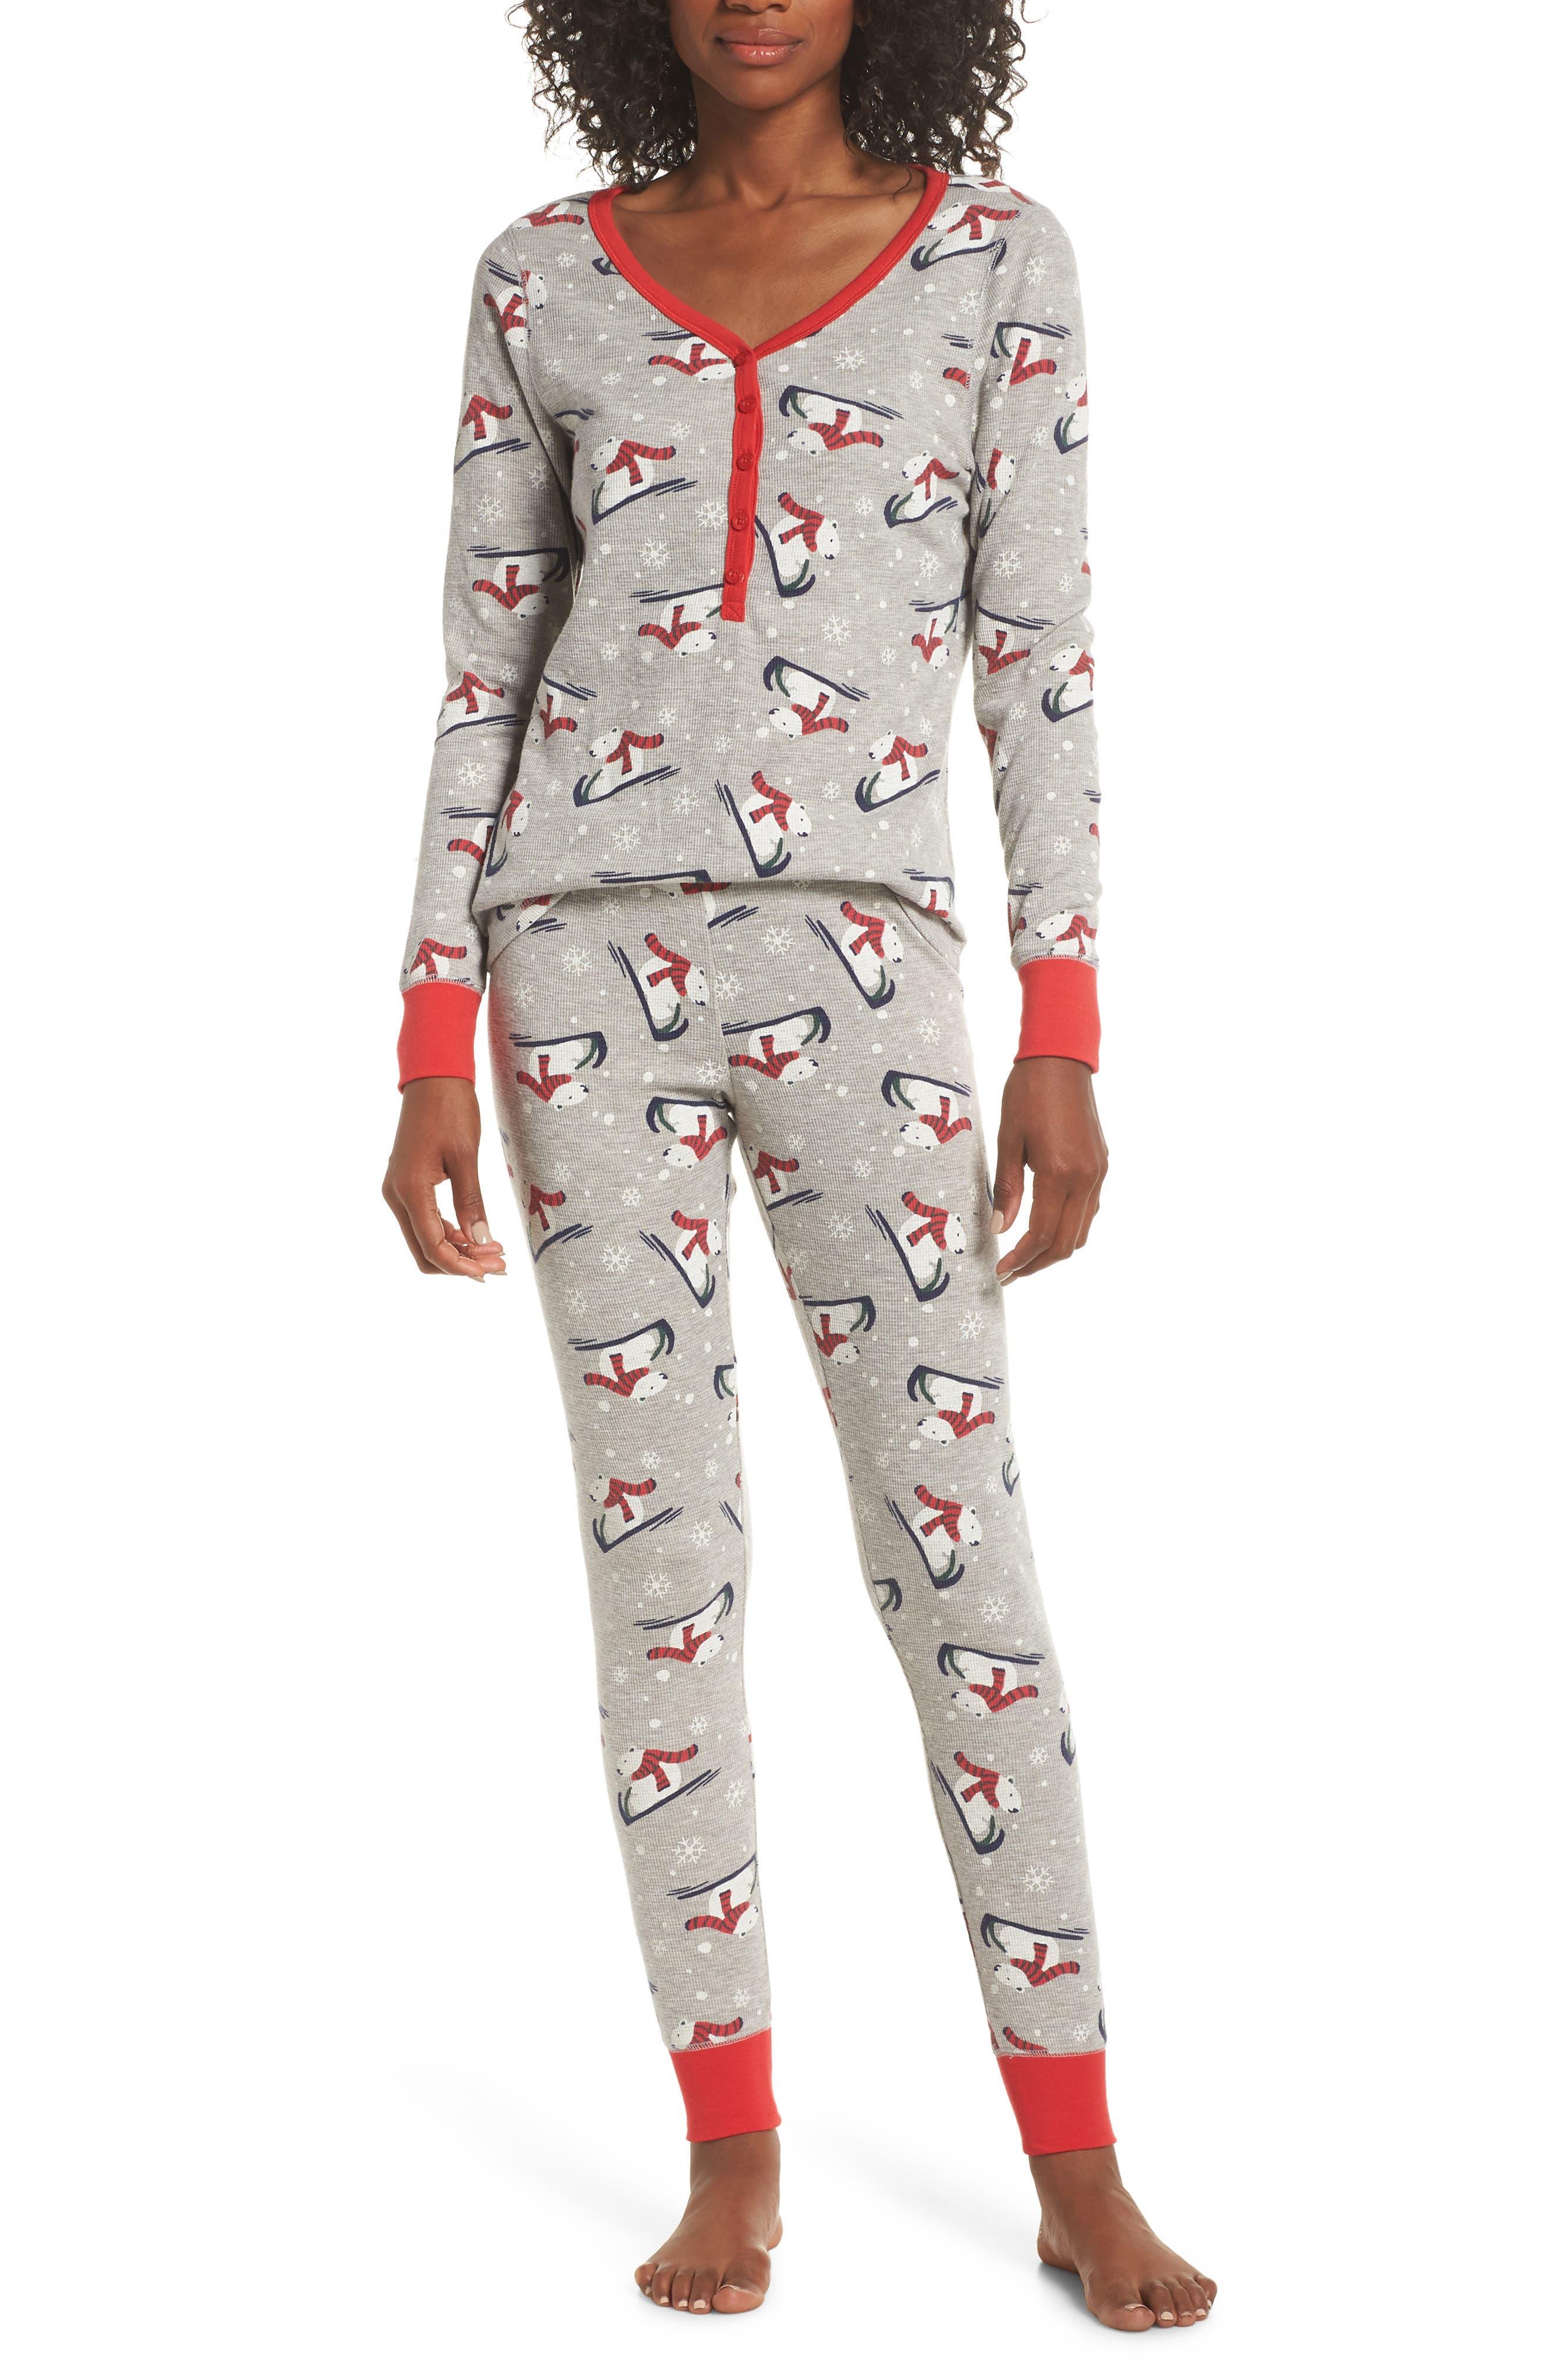 Nordstrom Lingerie Sleepyhead Thermal Pajamas, Grey